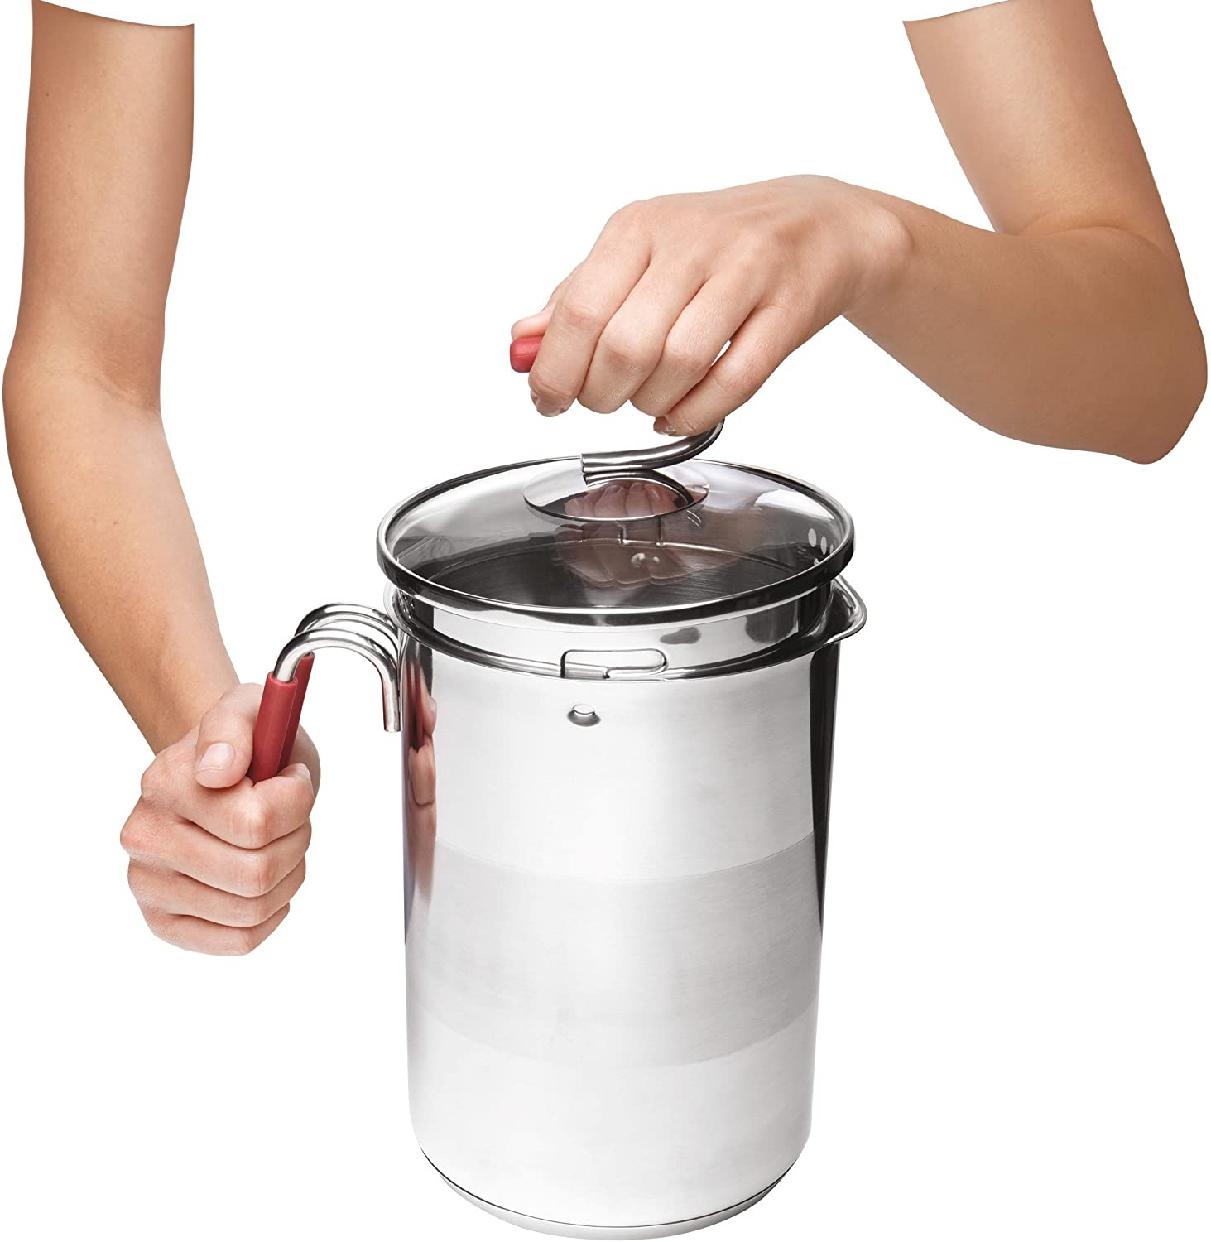 Kuhn Rikon(クーンリコン)4200 12-Cup 4th Burner Pot 赤の商品画像3